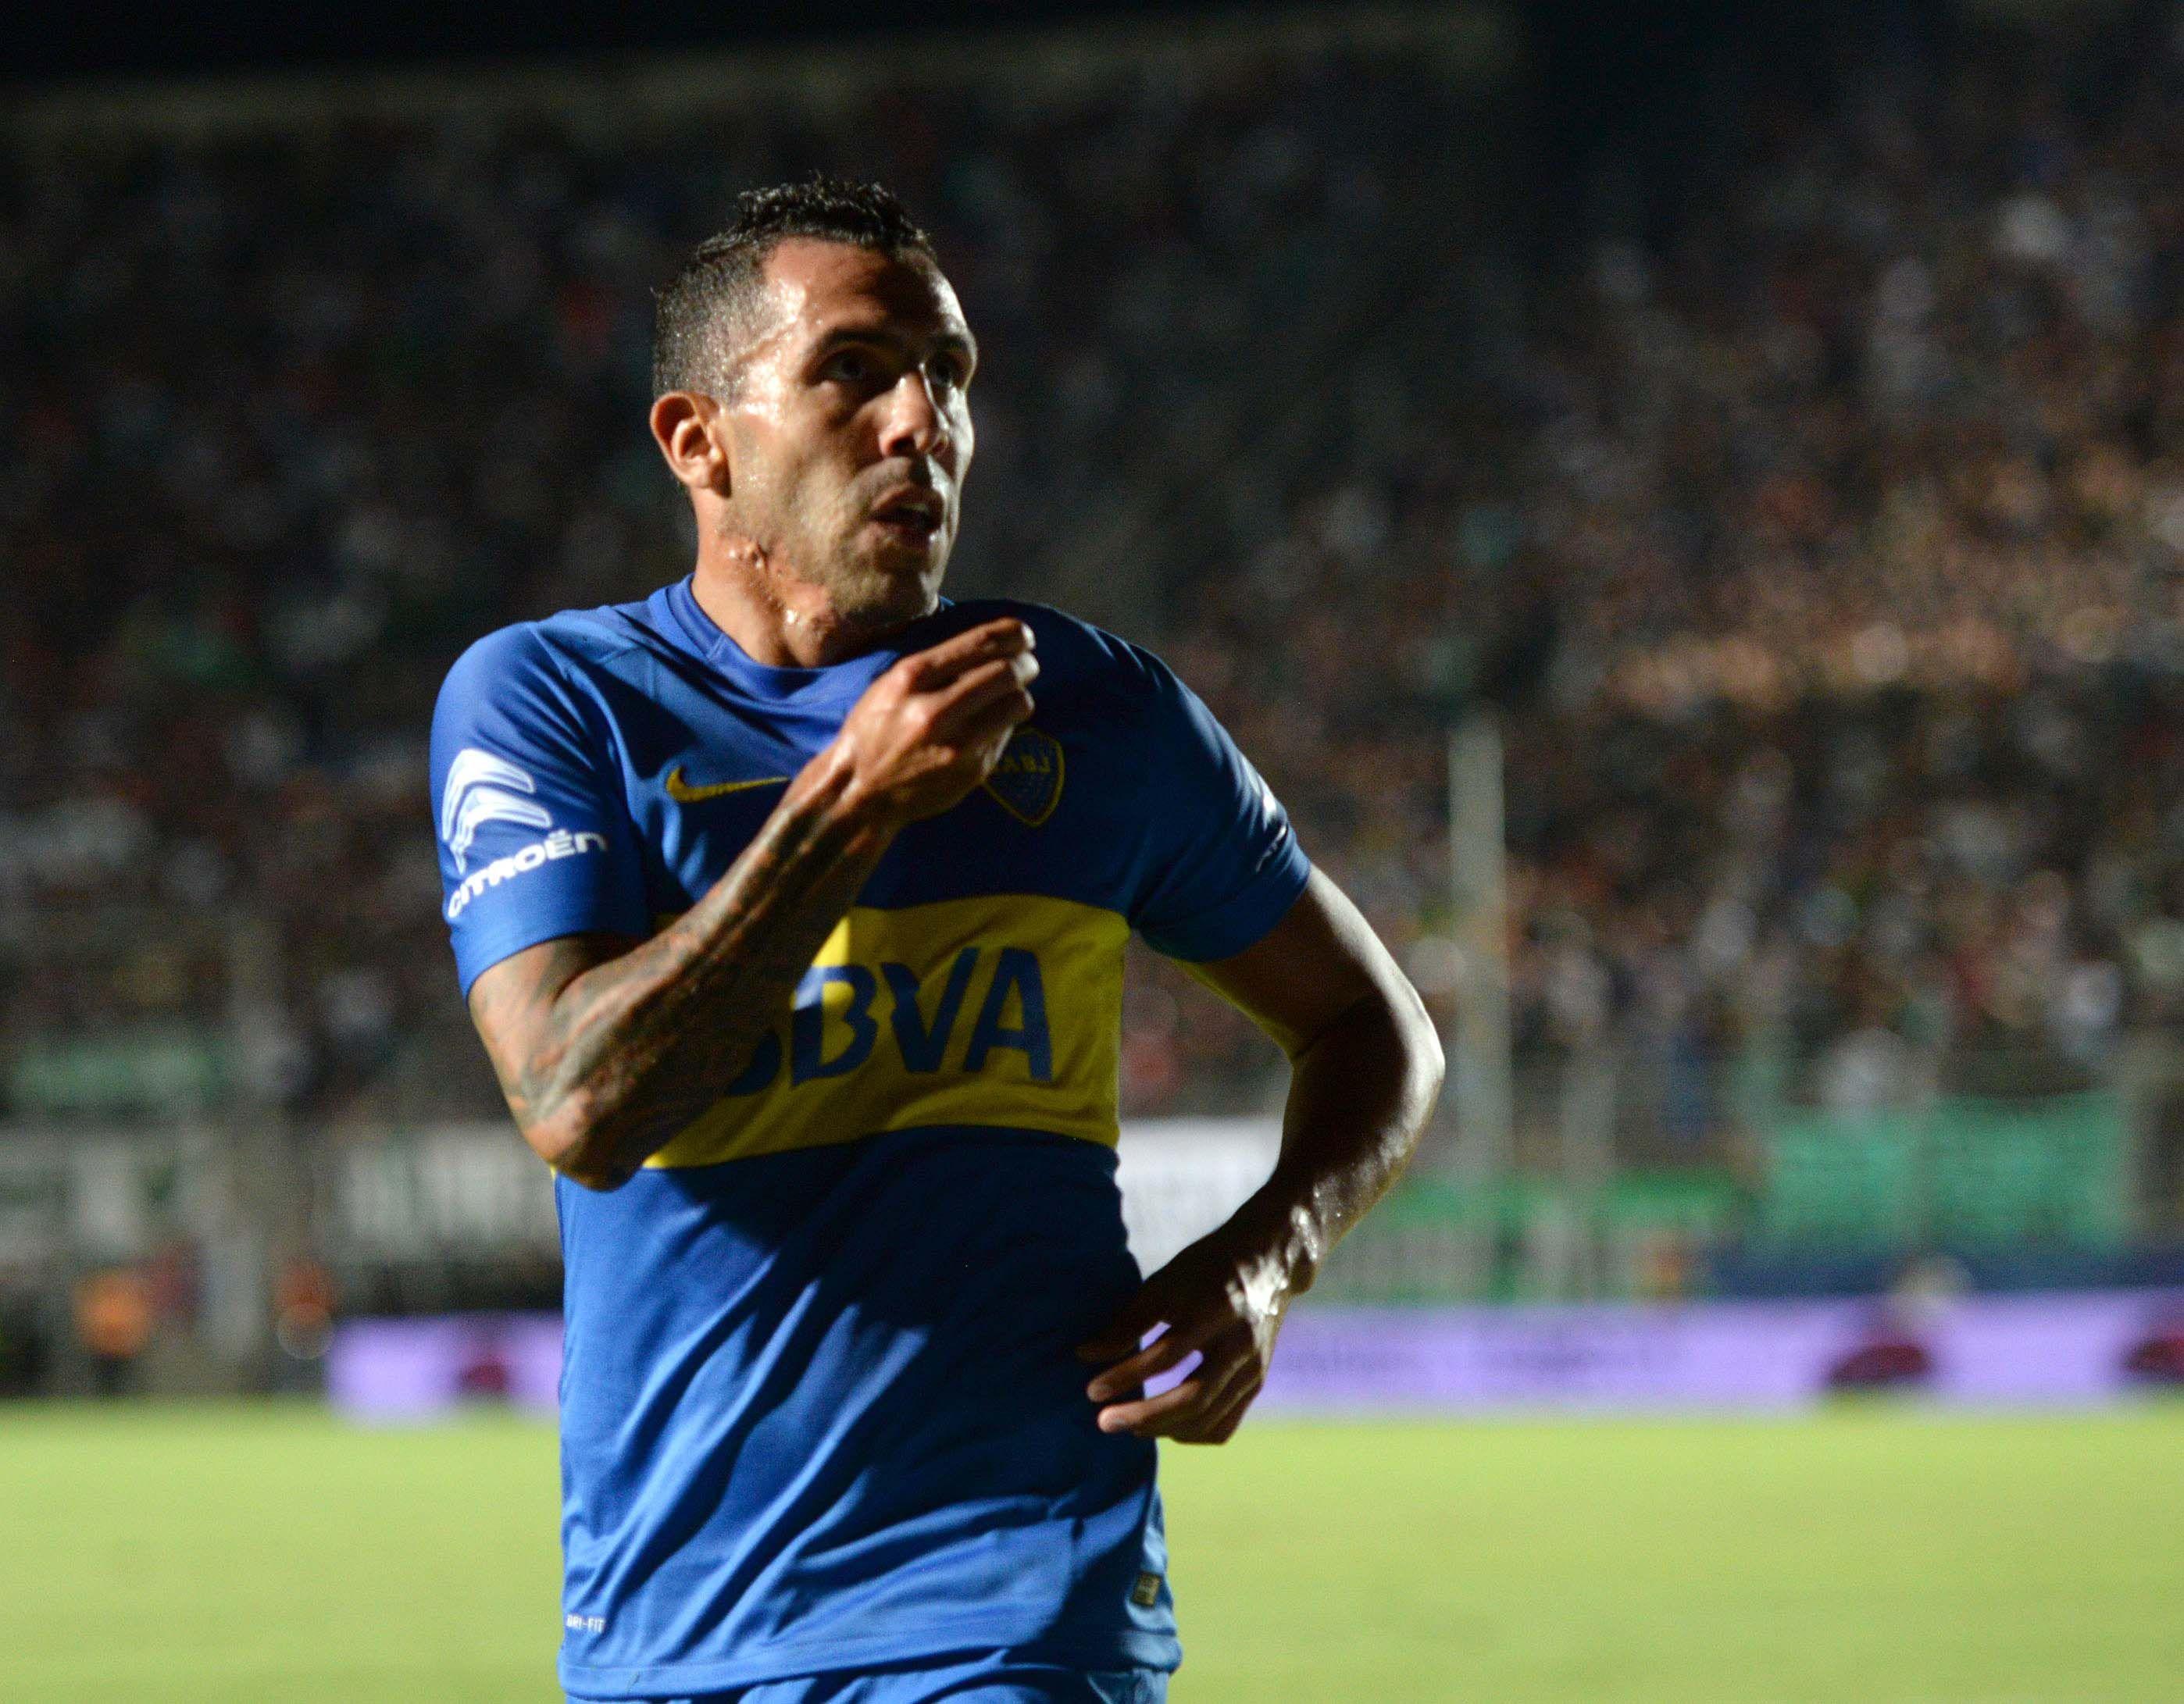 Mirá el gol de Carlos Tevez que terminó con una sequía de 597 minutos